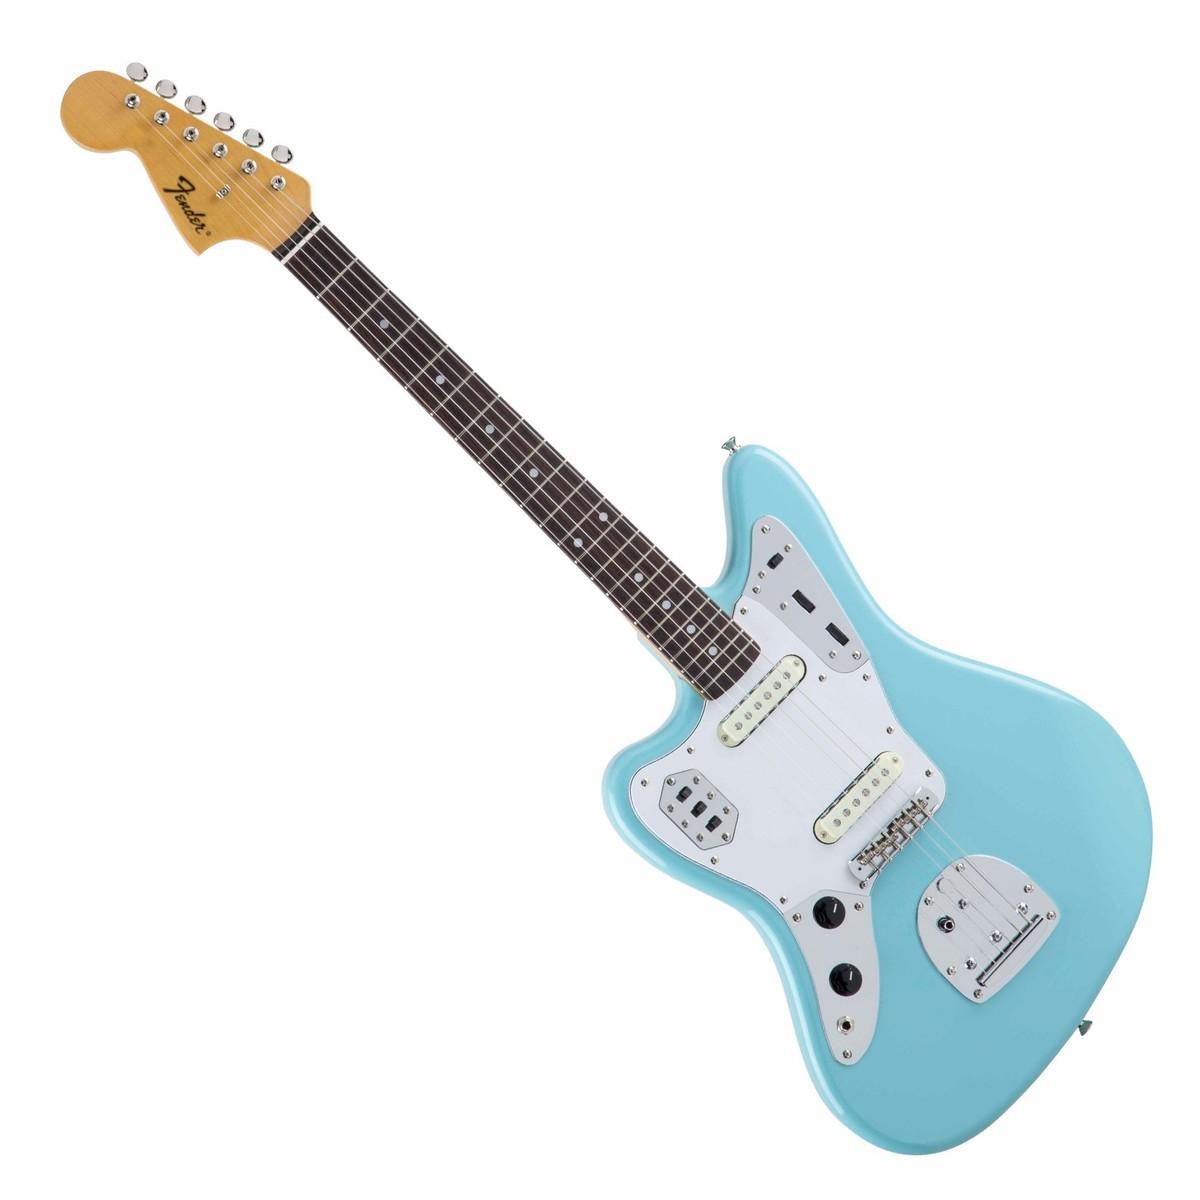 Fender MIJ Traditional '60s Jaguar Left Handed, Daphne Blue